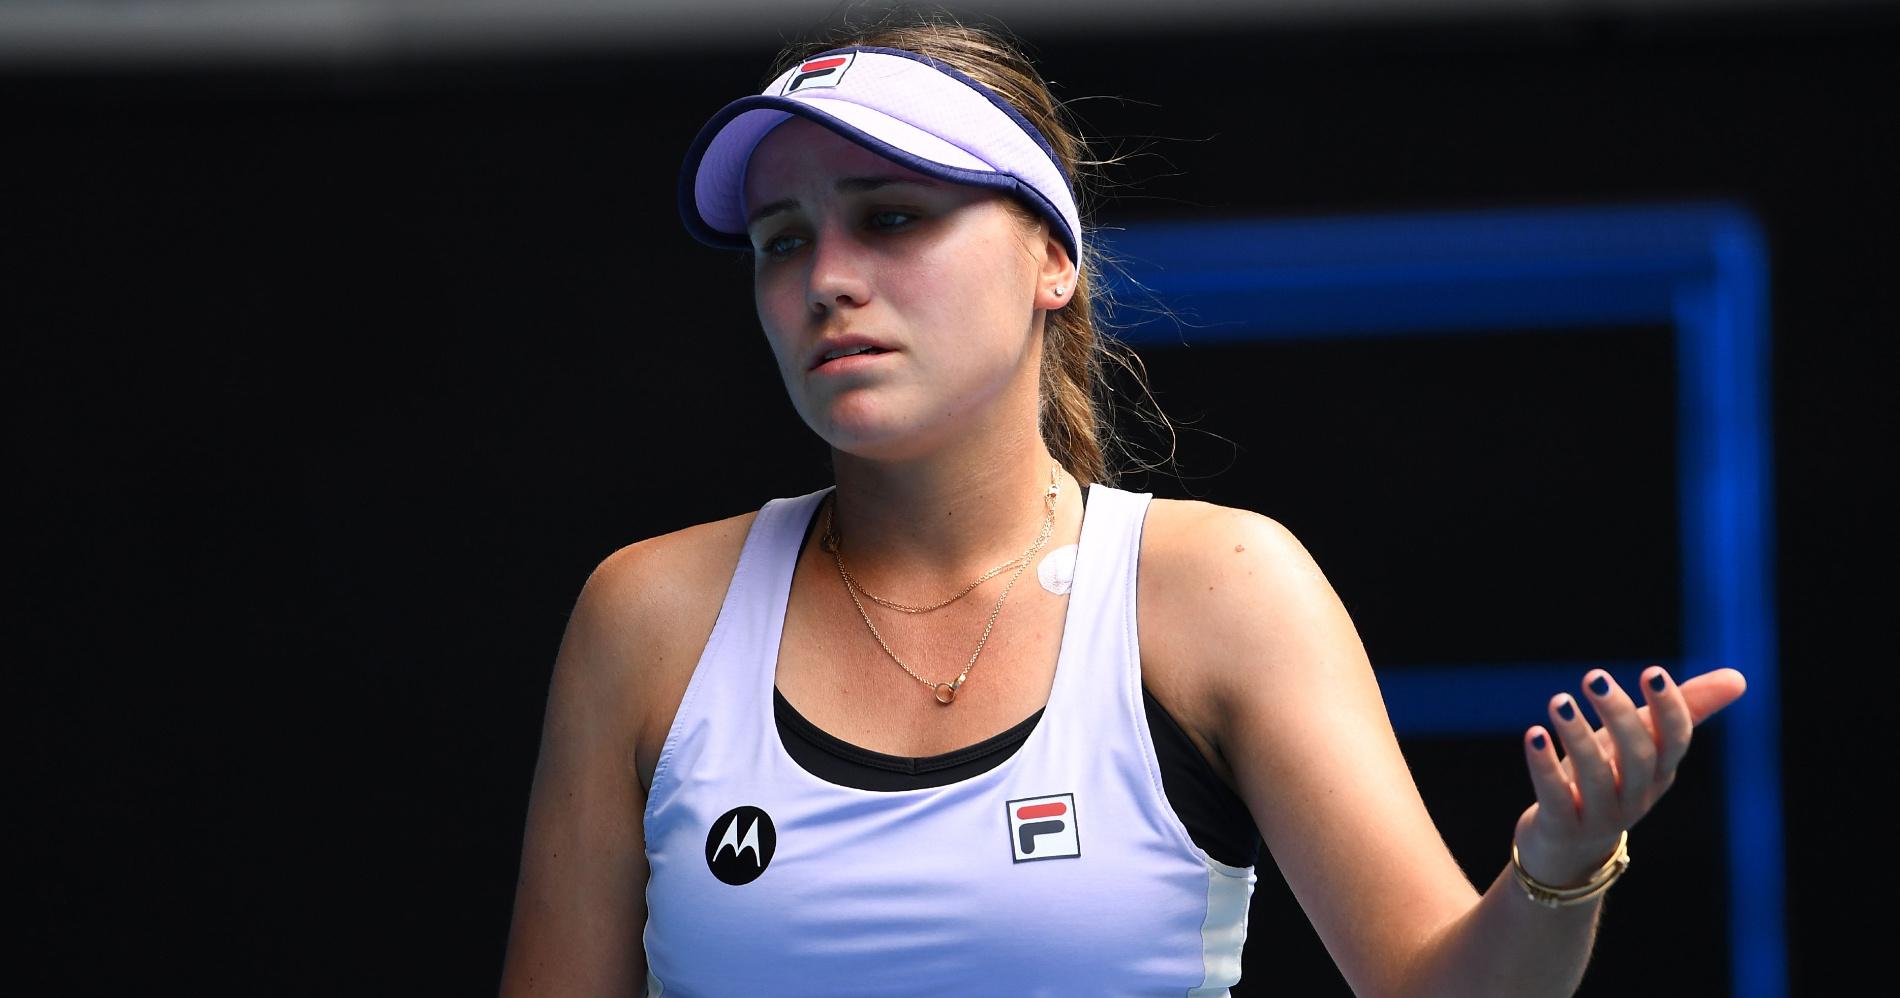 Sofia Kenin 2021 Australian Open Day 4